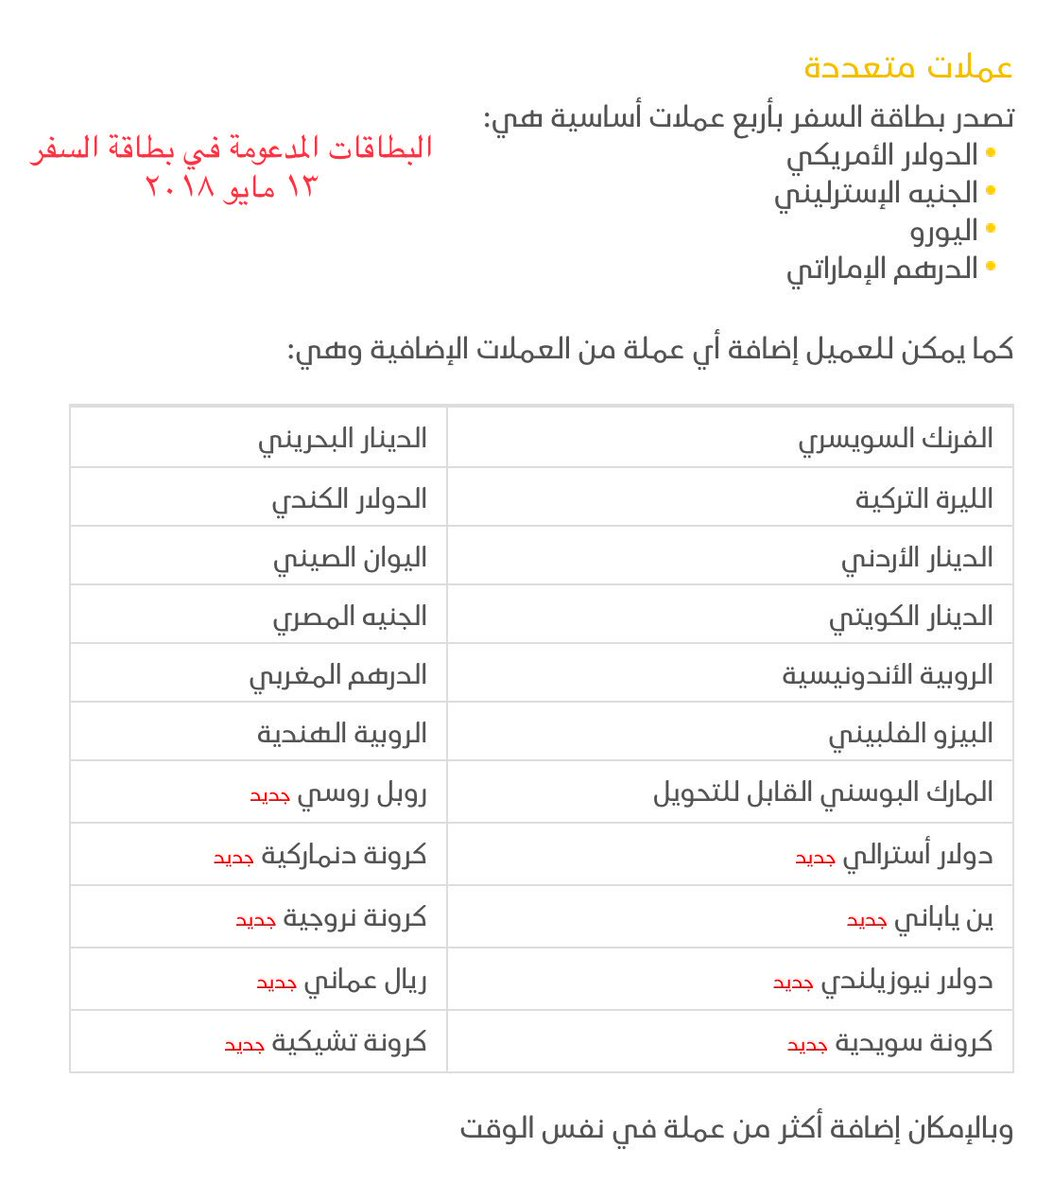 مشعل الهويمل A Twitter الآن بطاقة السفر الإئتمانية من البنك السعودي للإستثمار تدعم ١٧ عملة رائع Saiblive